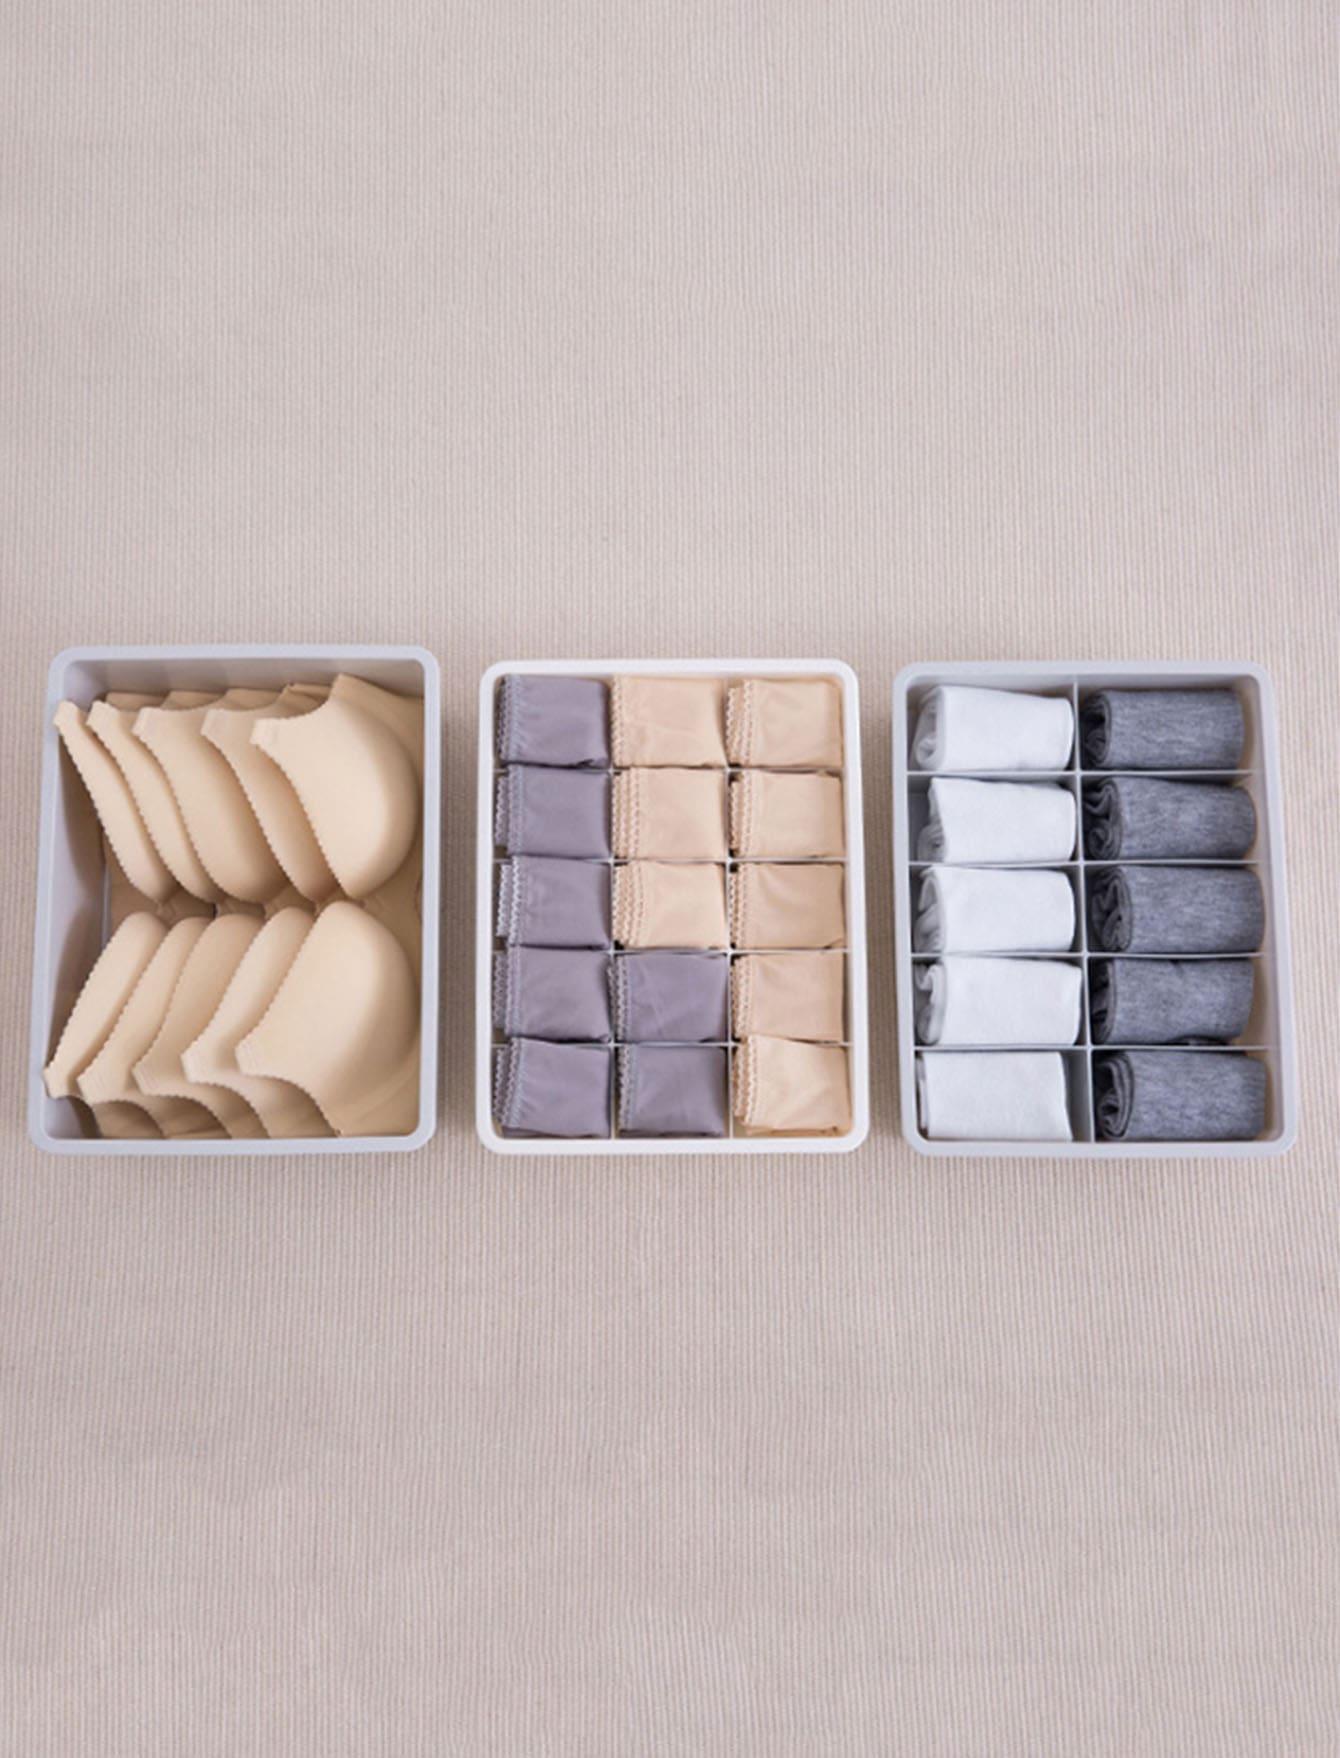 Купить Коробка для хранения нижнего белья 3 шт., null, SheIn